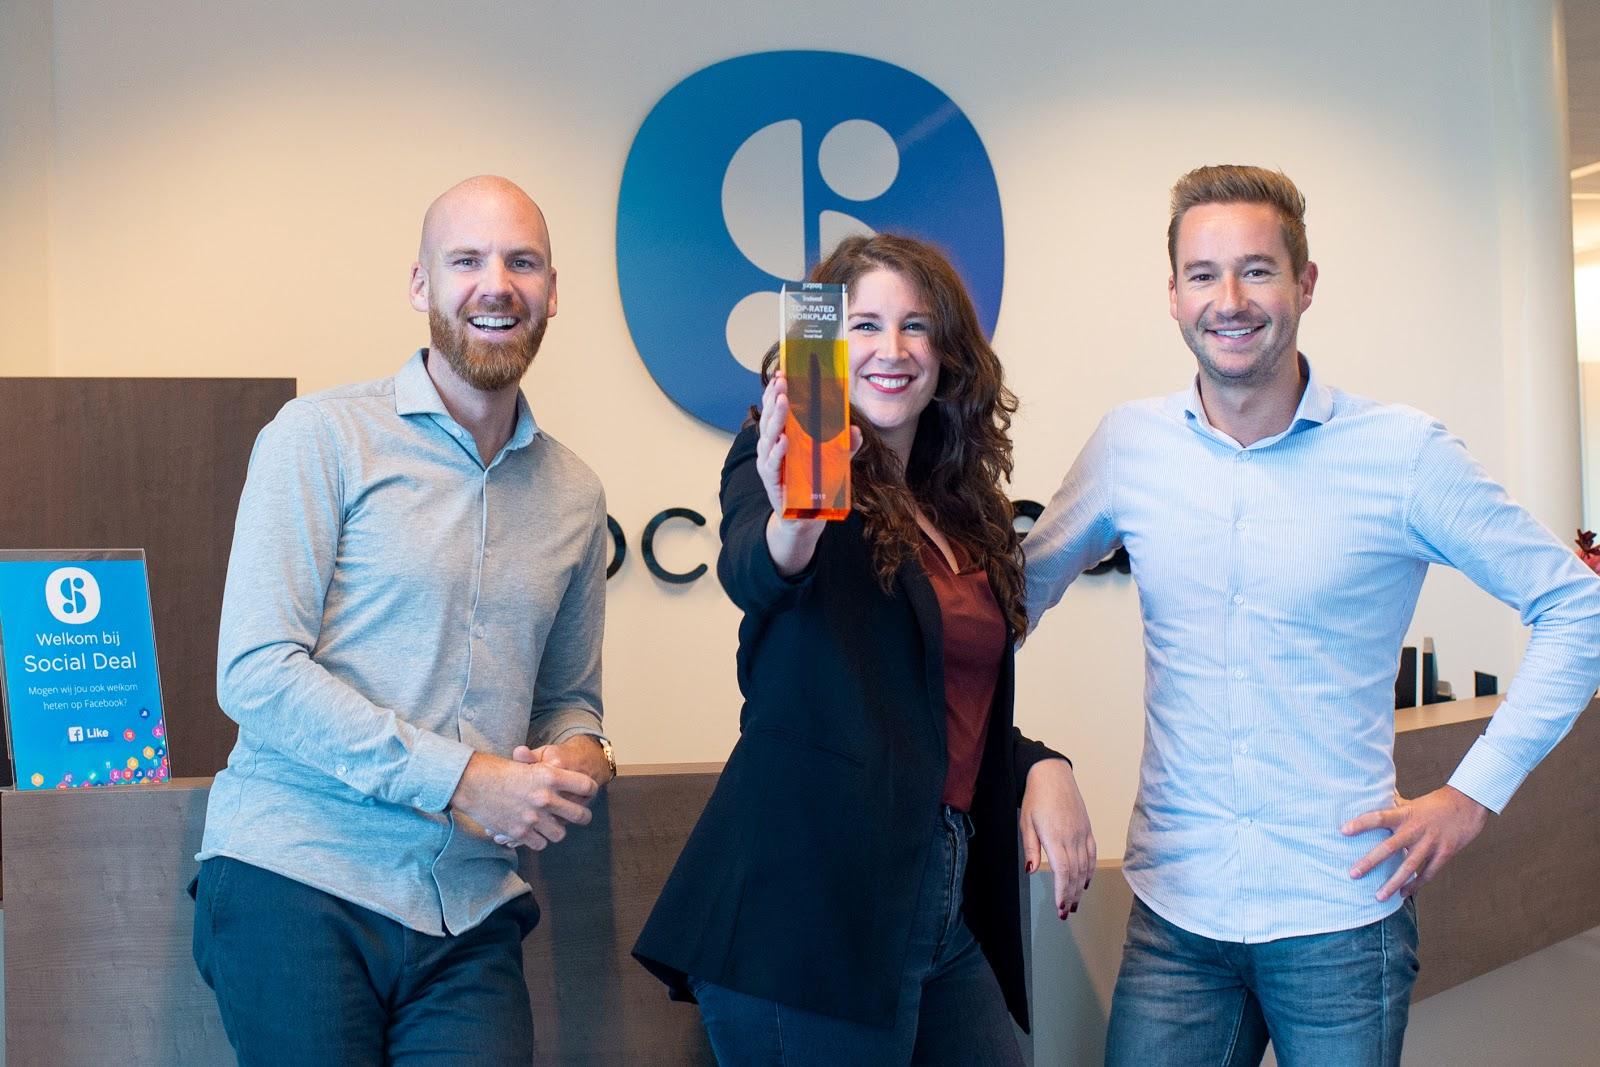 Social Deal 'Top-Rated Workplace' - Rens van de Berg en Bart Oosterholt, oprichters van Social Deal, en Teun Vrolijk, HR-Manager bij Social Deal.